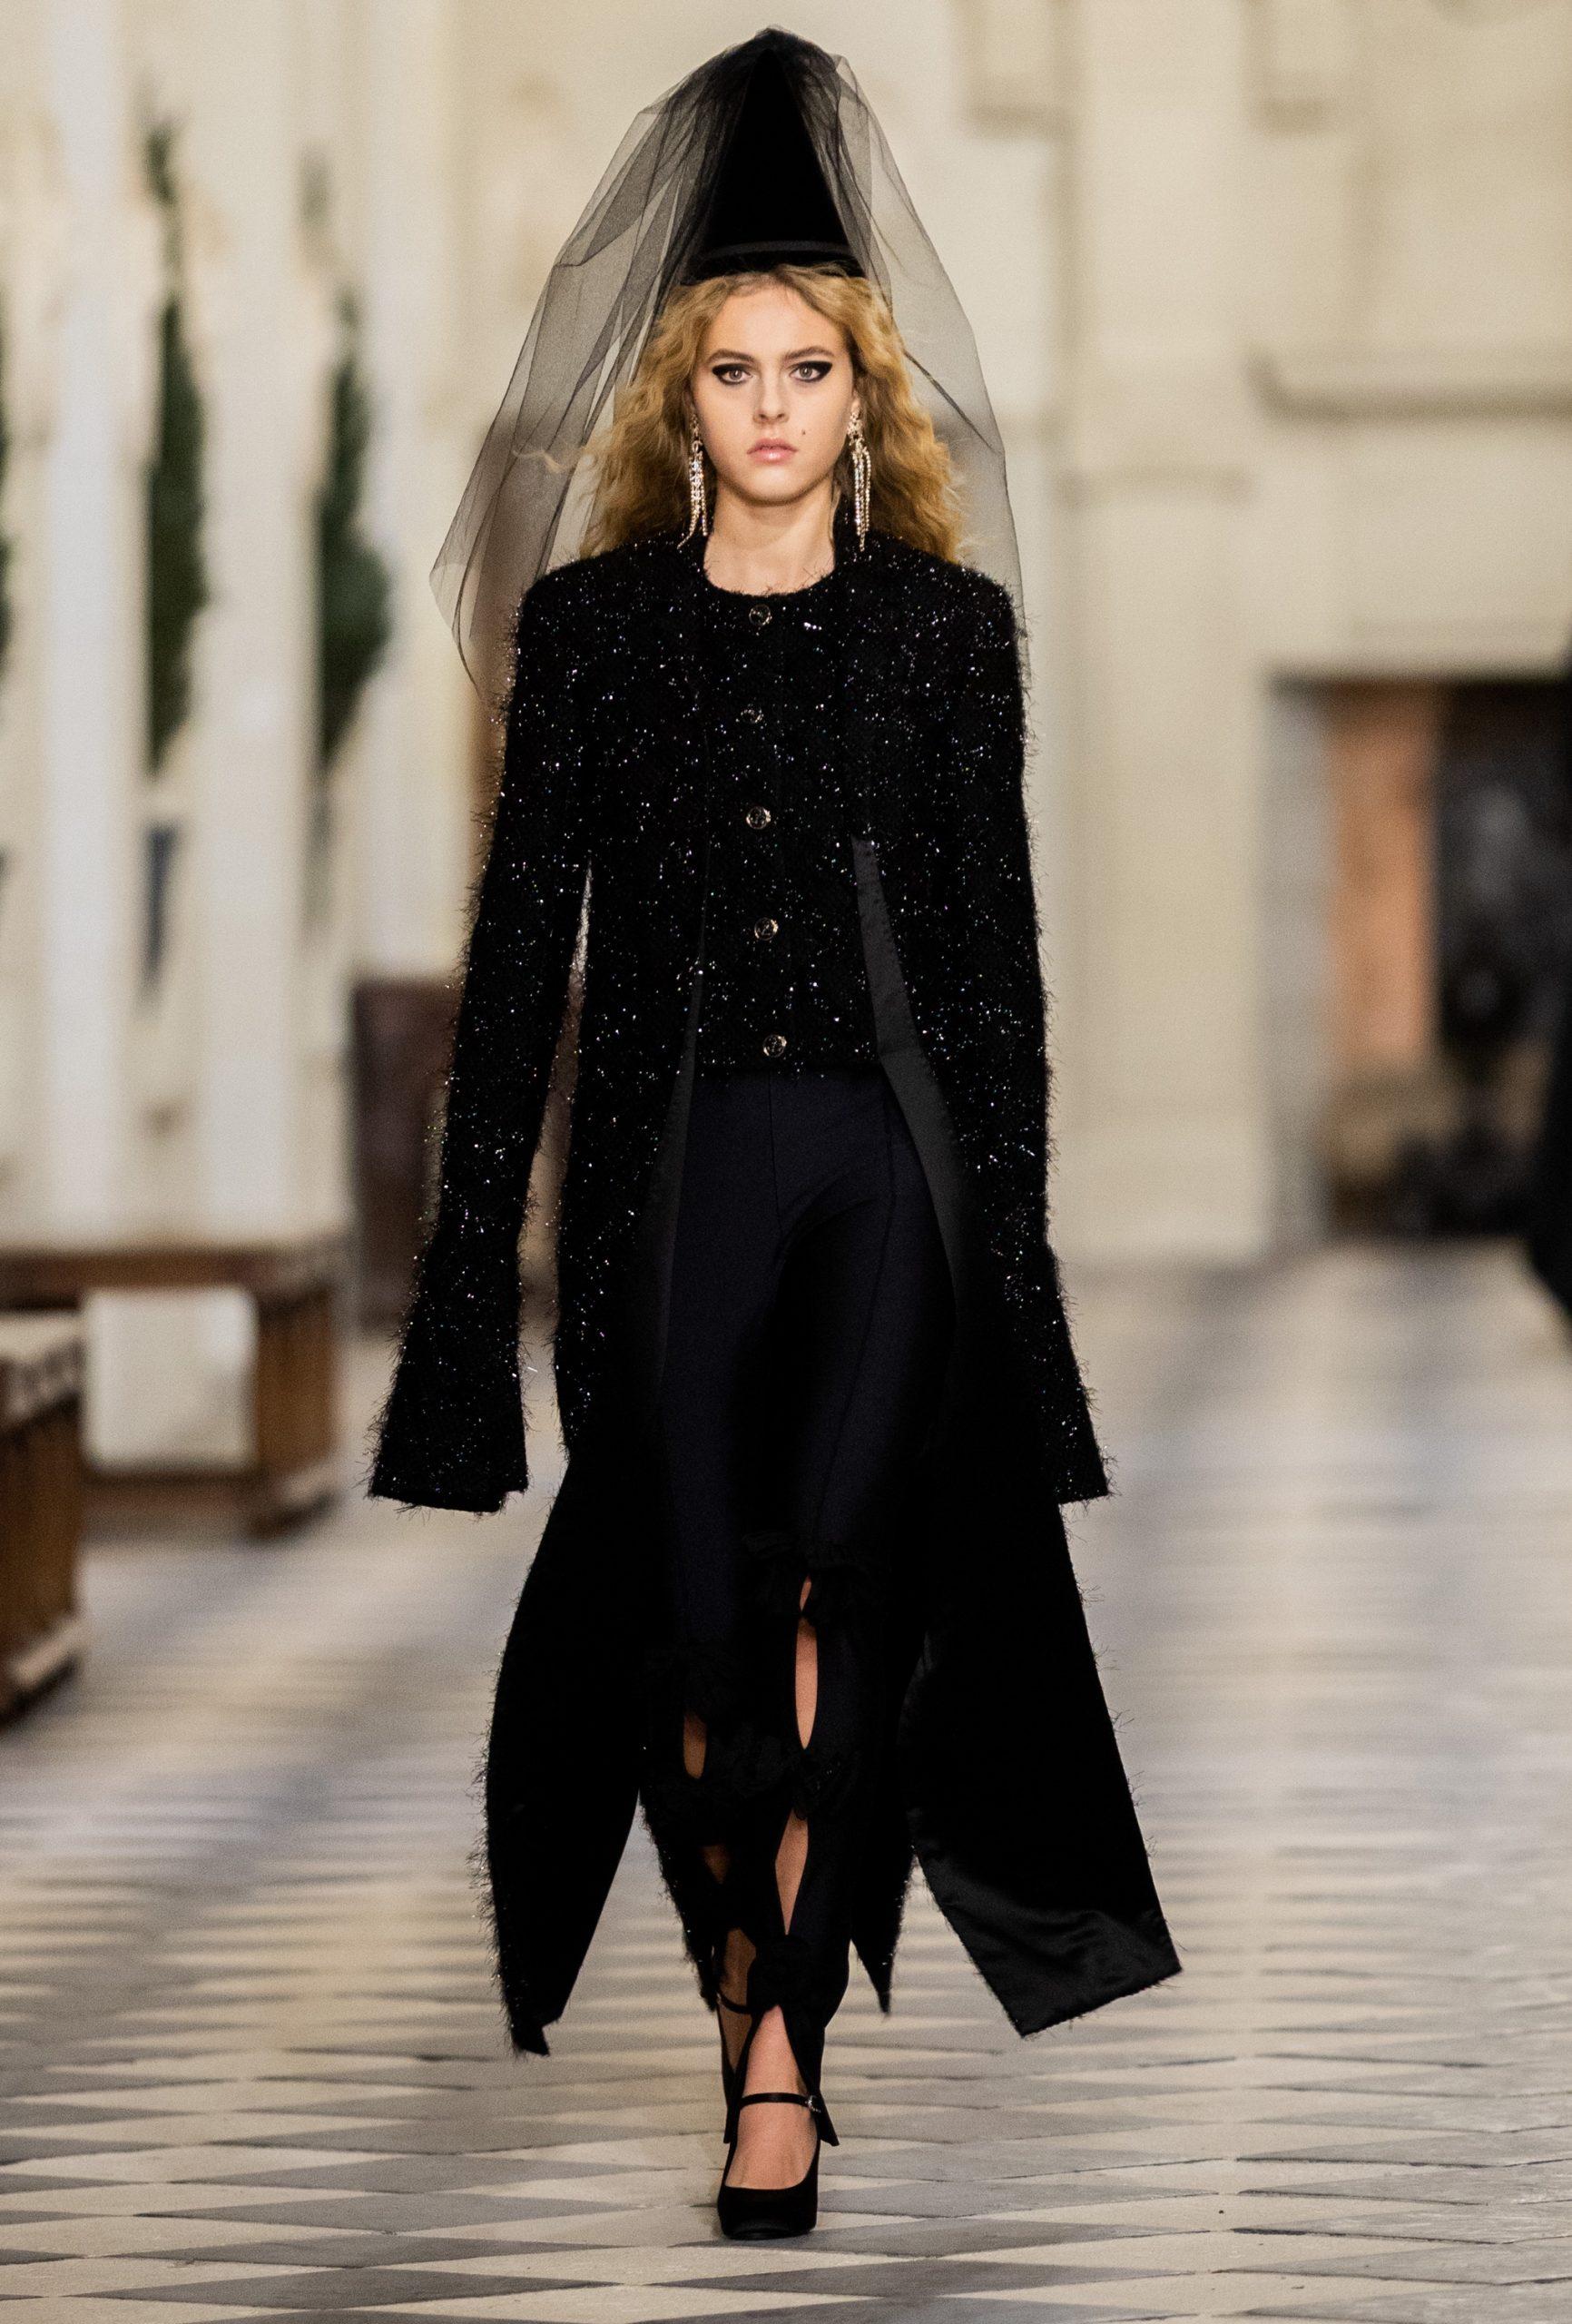 Chanel 'Le Château des Dames' Métiers d'art 2020/21 Fashion Show Photos